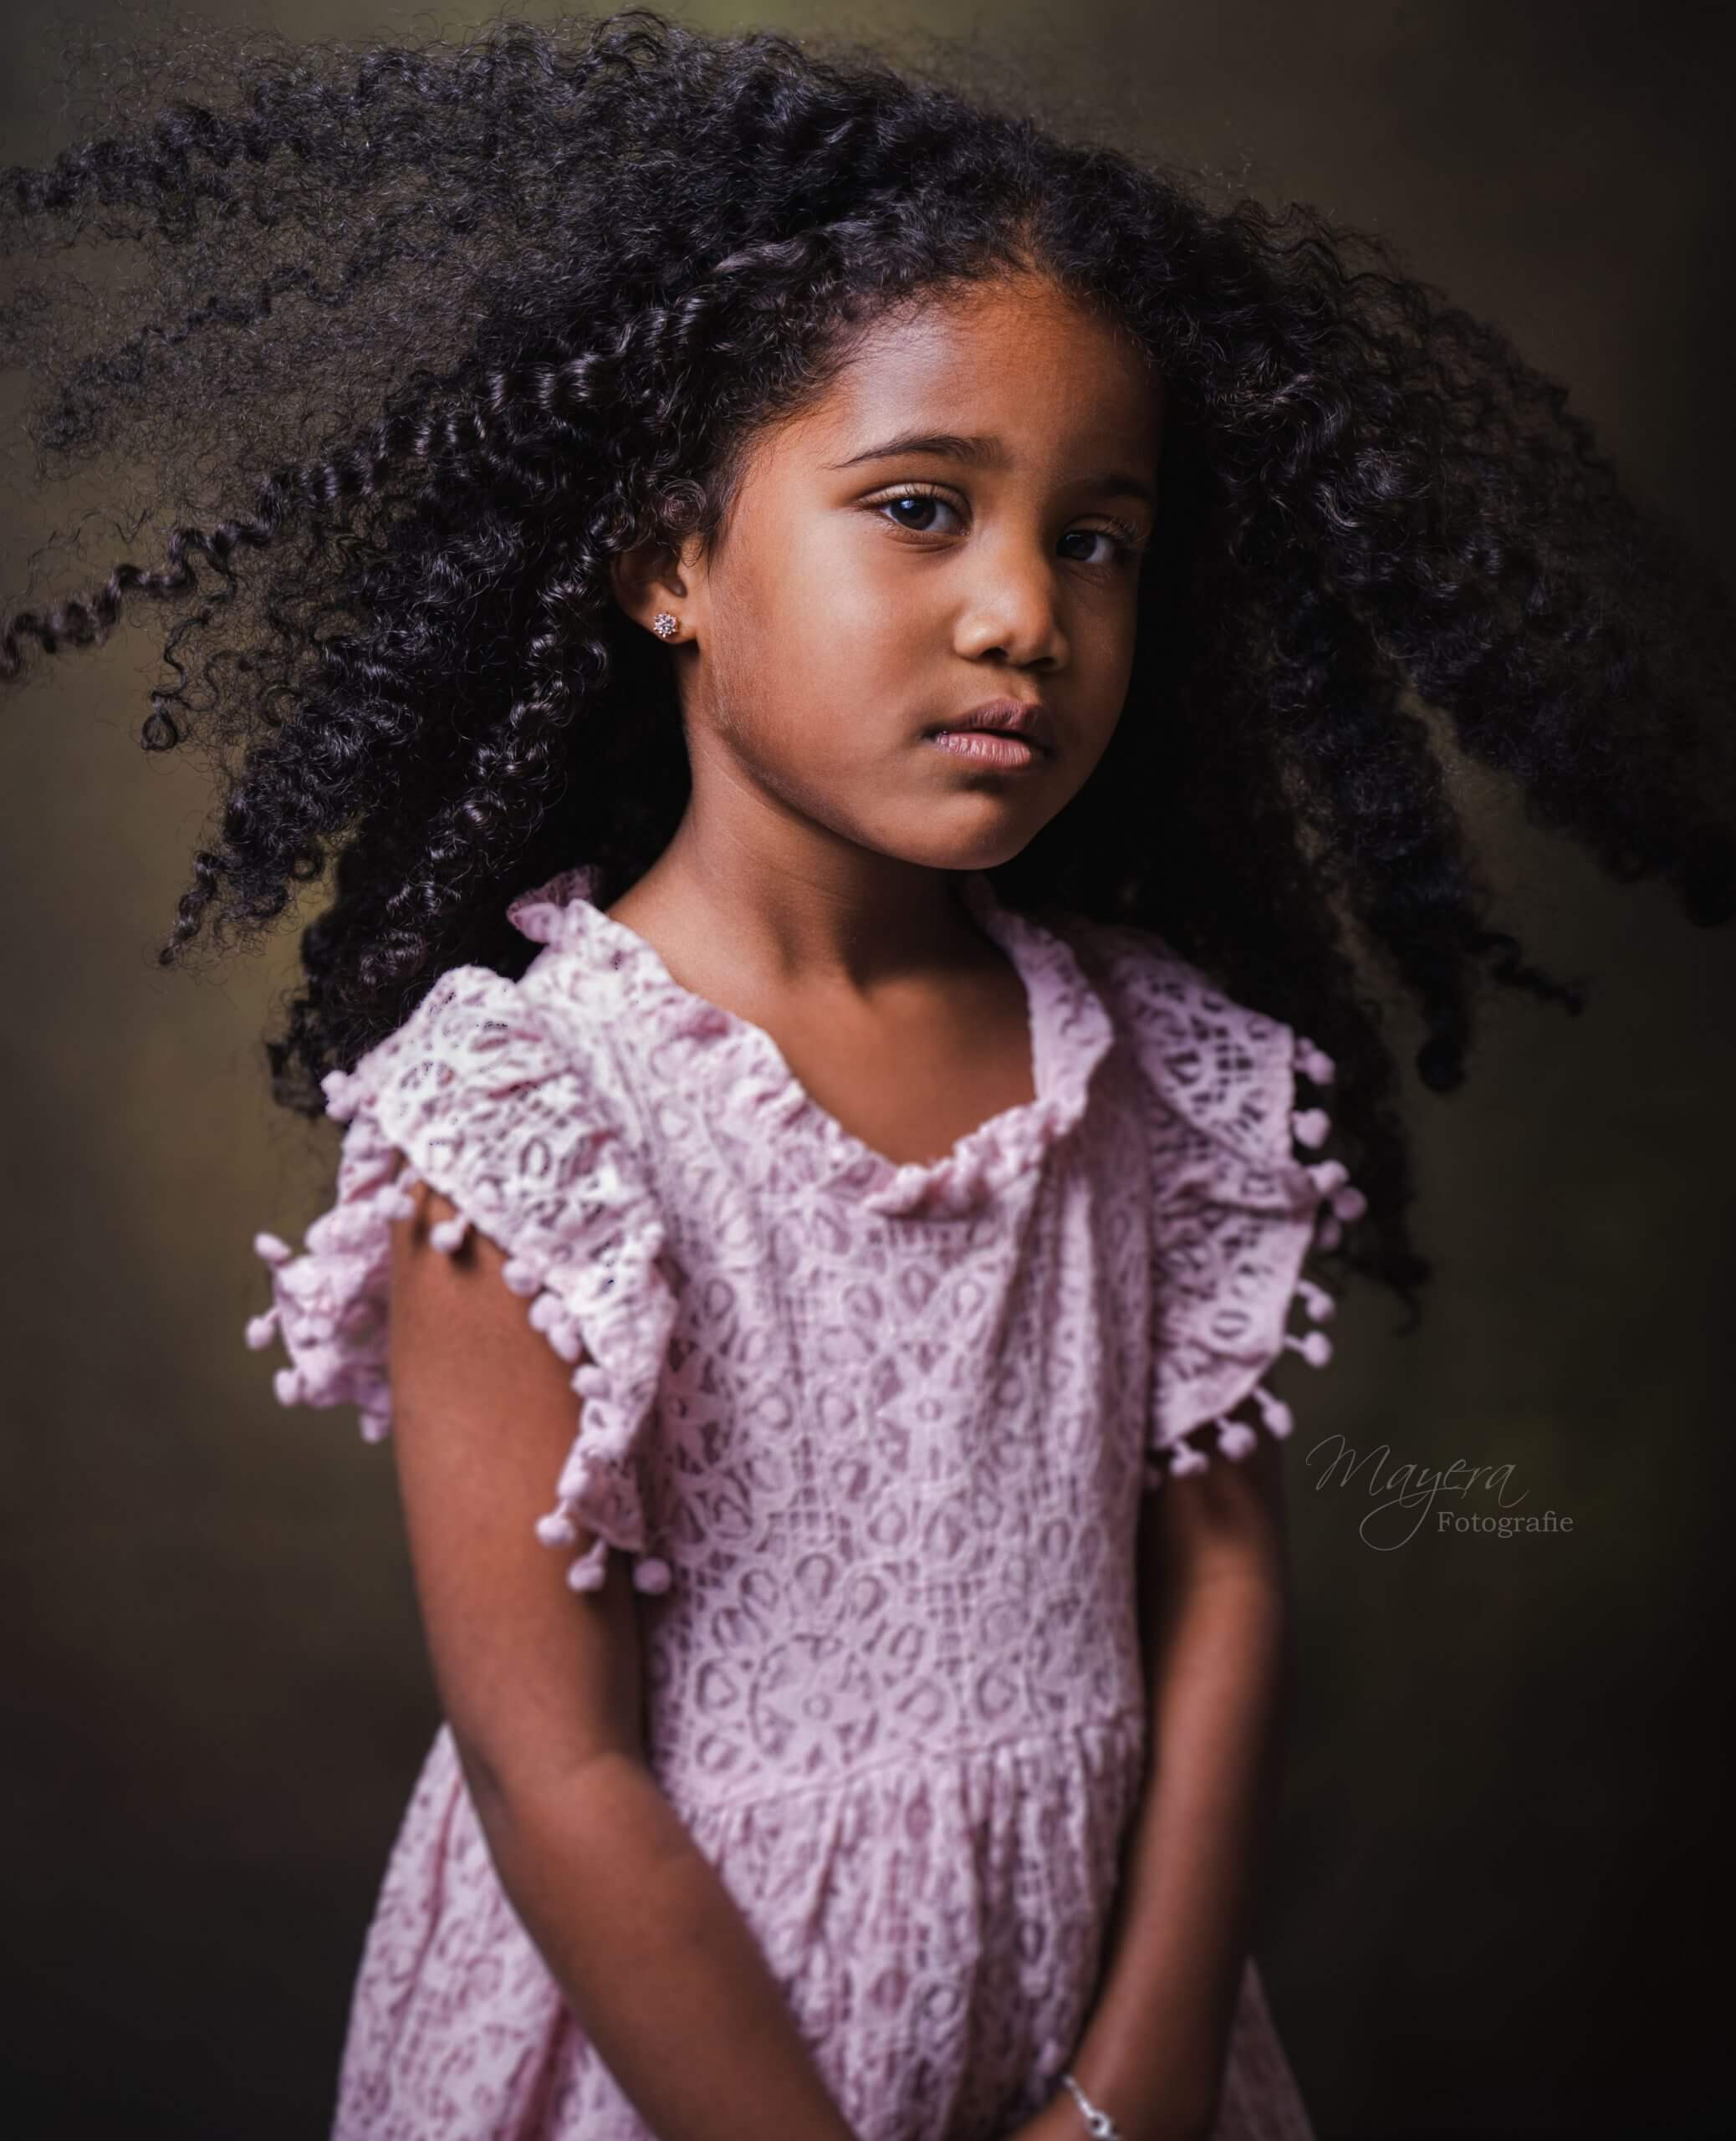 Meisje-fine-art-portret-utrech-1-scaled